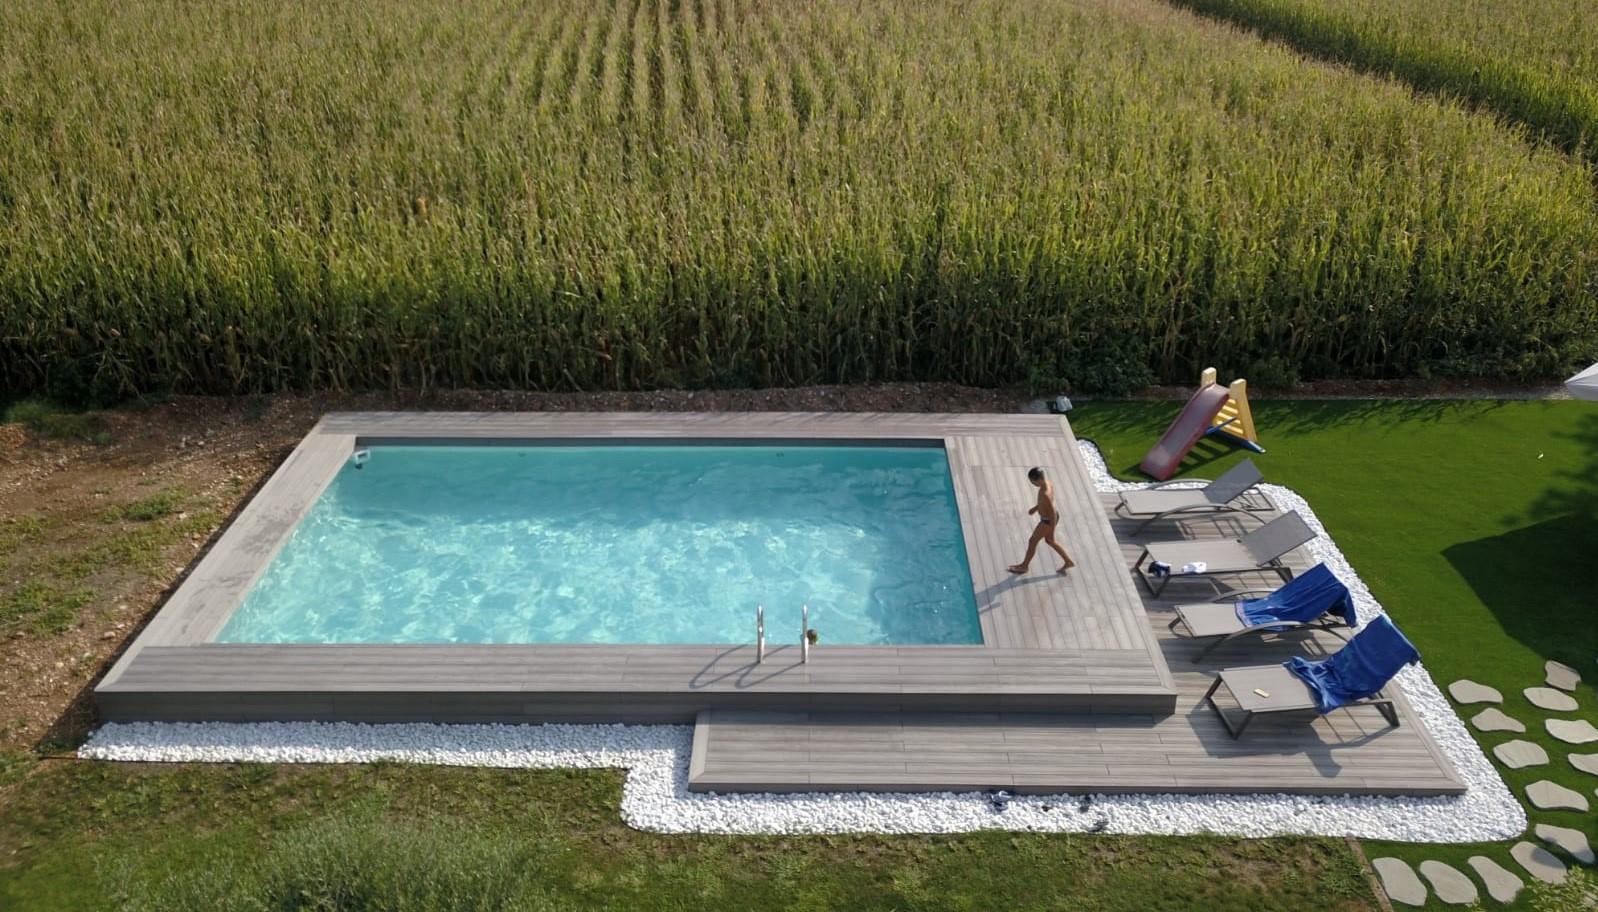 Piscine Interrate Prezzi Tutto Compreso piscina fuori terra semi-interrata. piscine